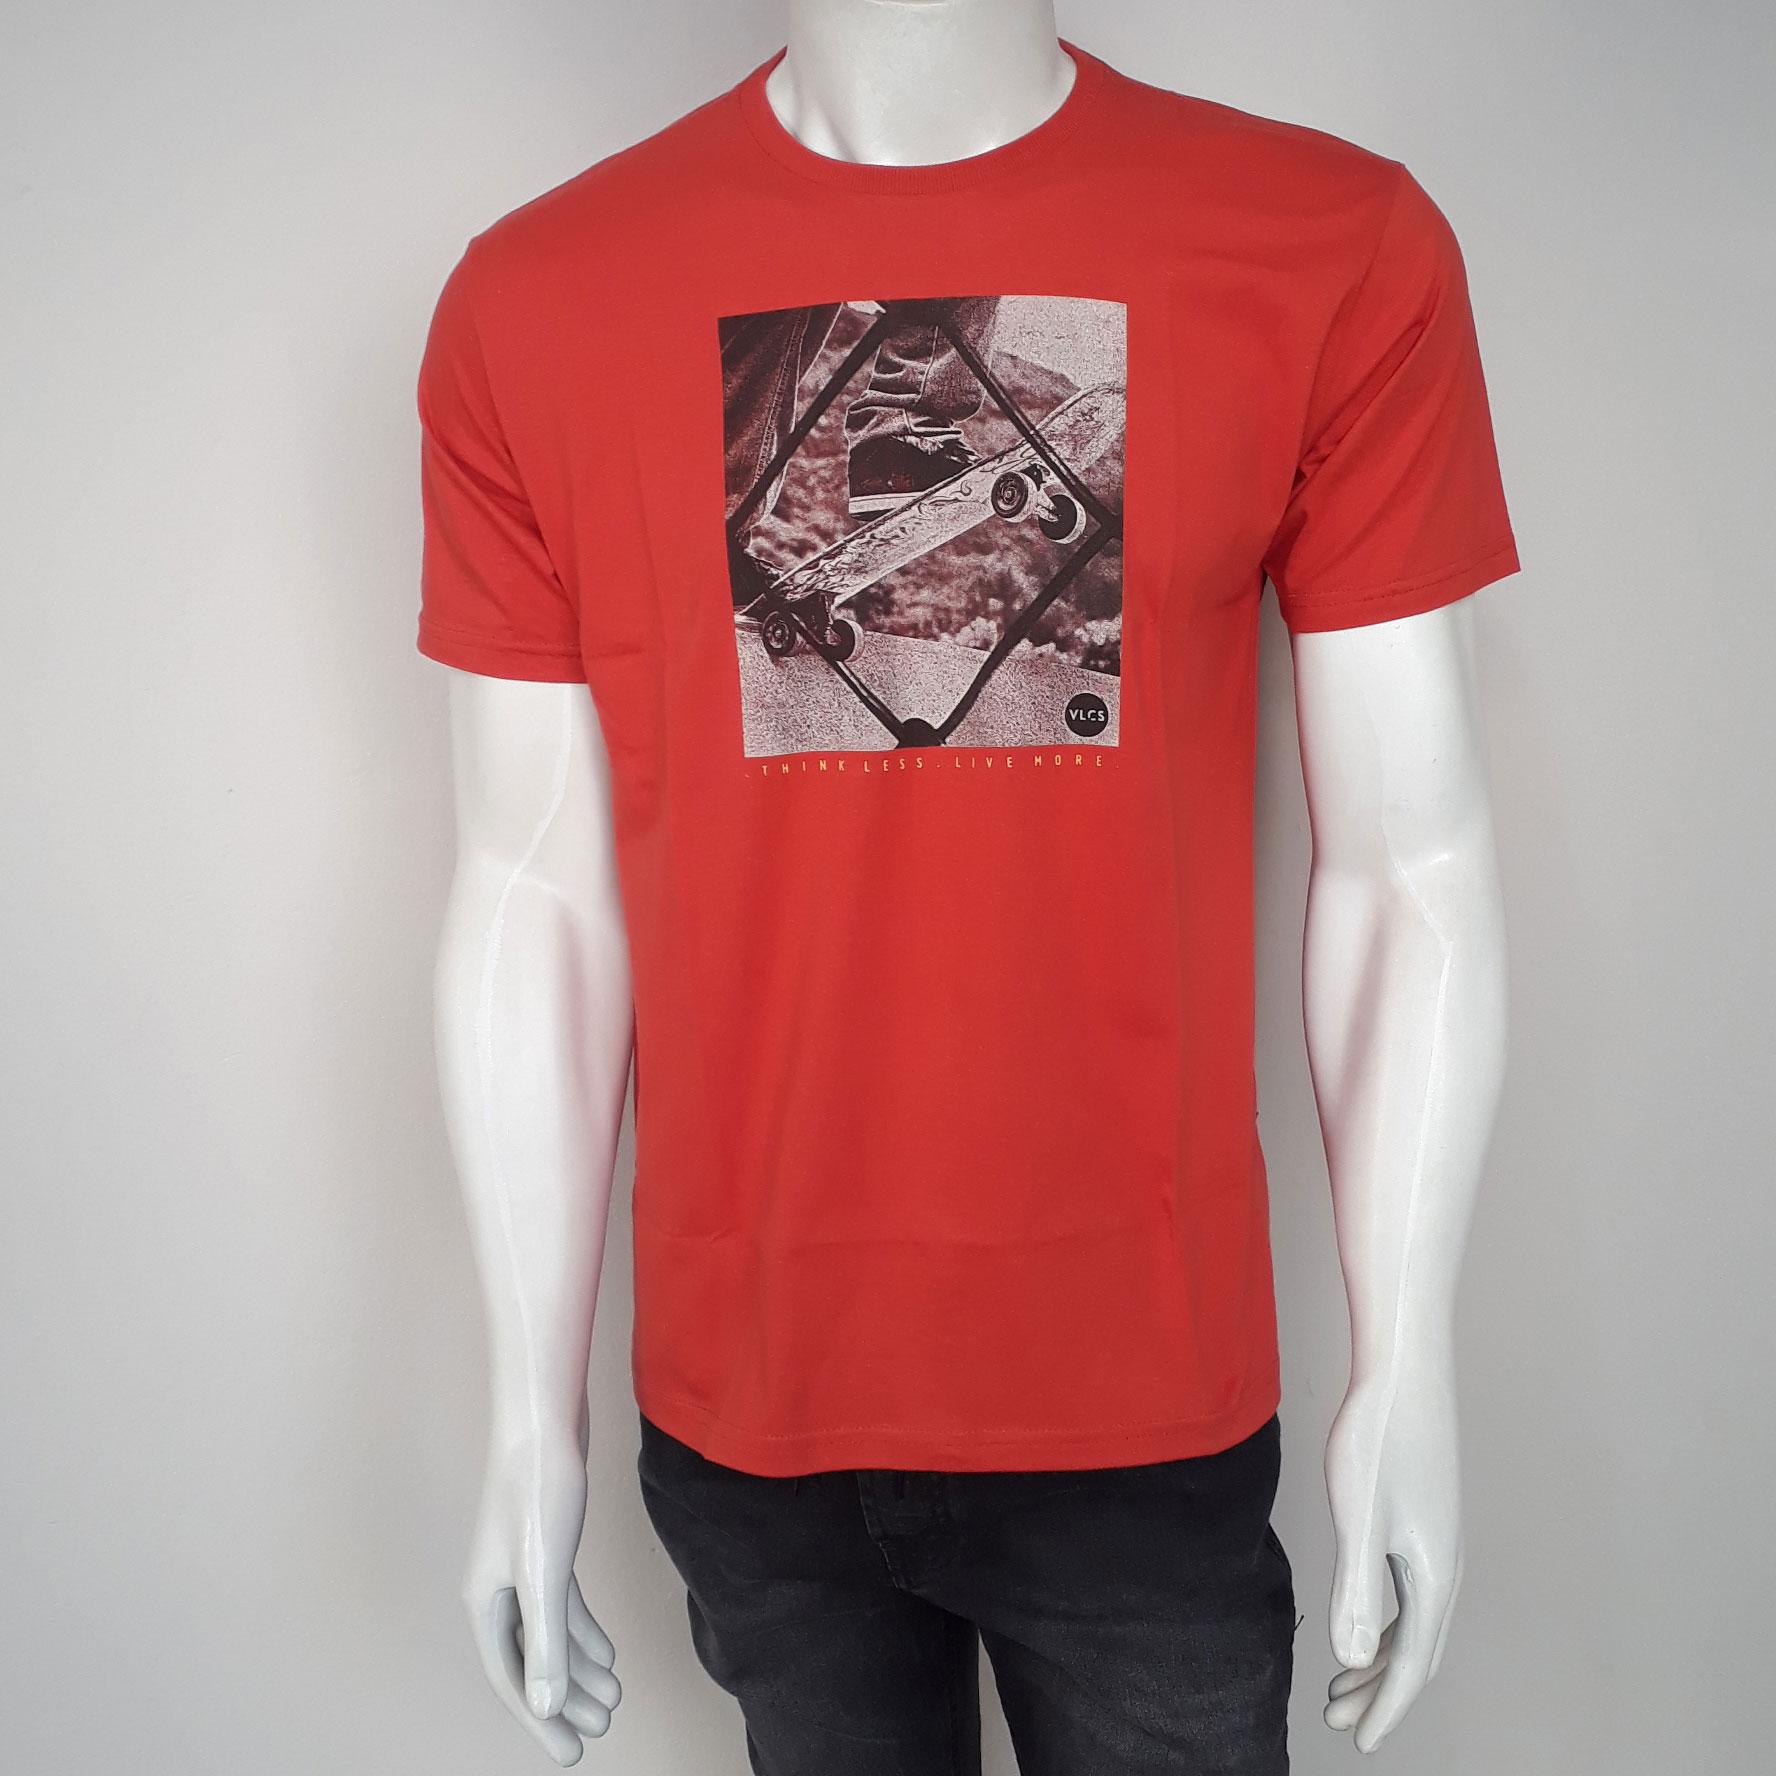 Camiseta VLCS Básica Skate Vermelho - P